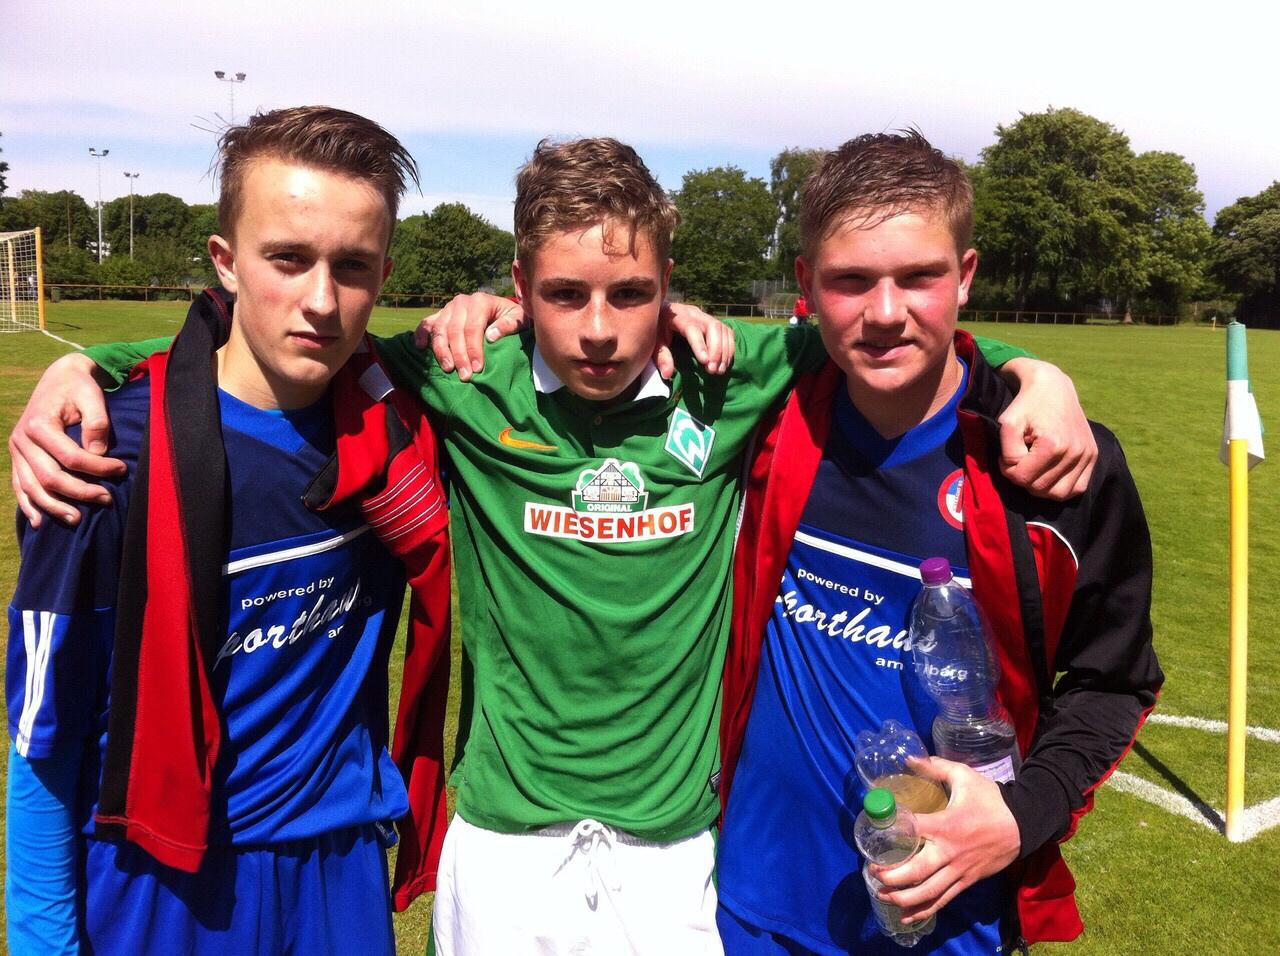 David und seine ehemaligen Mannschaftskollegen Blerim und Lennart nach dem Punktspiel Werder Bremen-Eintracht Norderstedt genau vor einem Jahr.